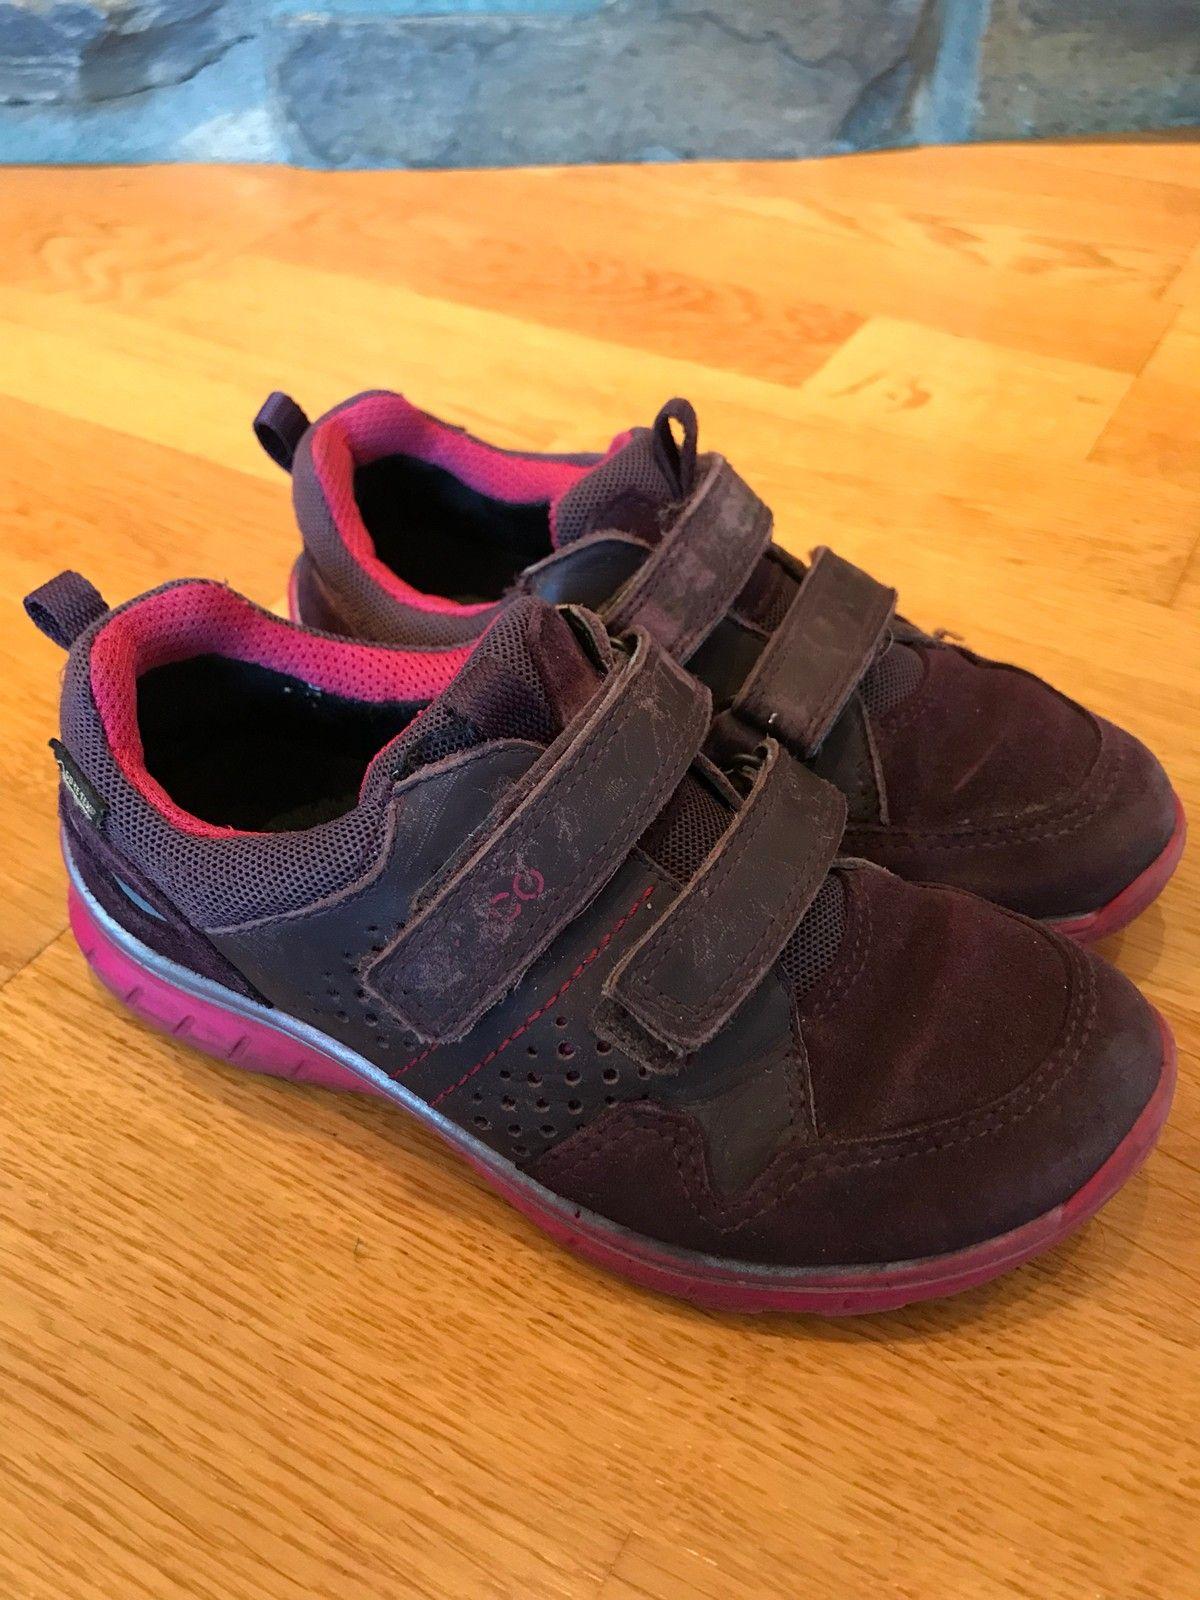 5c13ab6851d Goretex sko fra Salomon, Ecco og Timberland | FINN.no